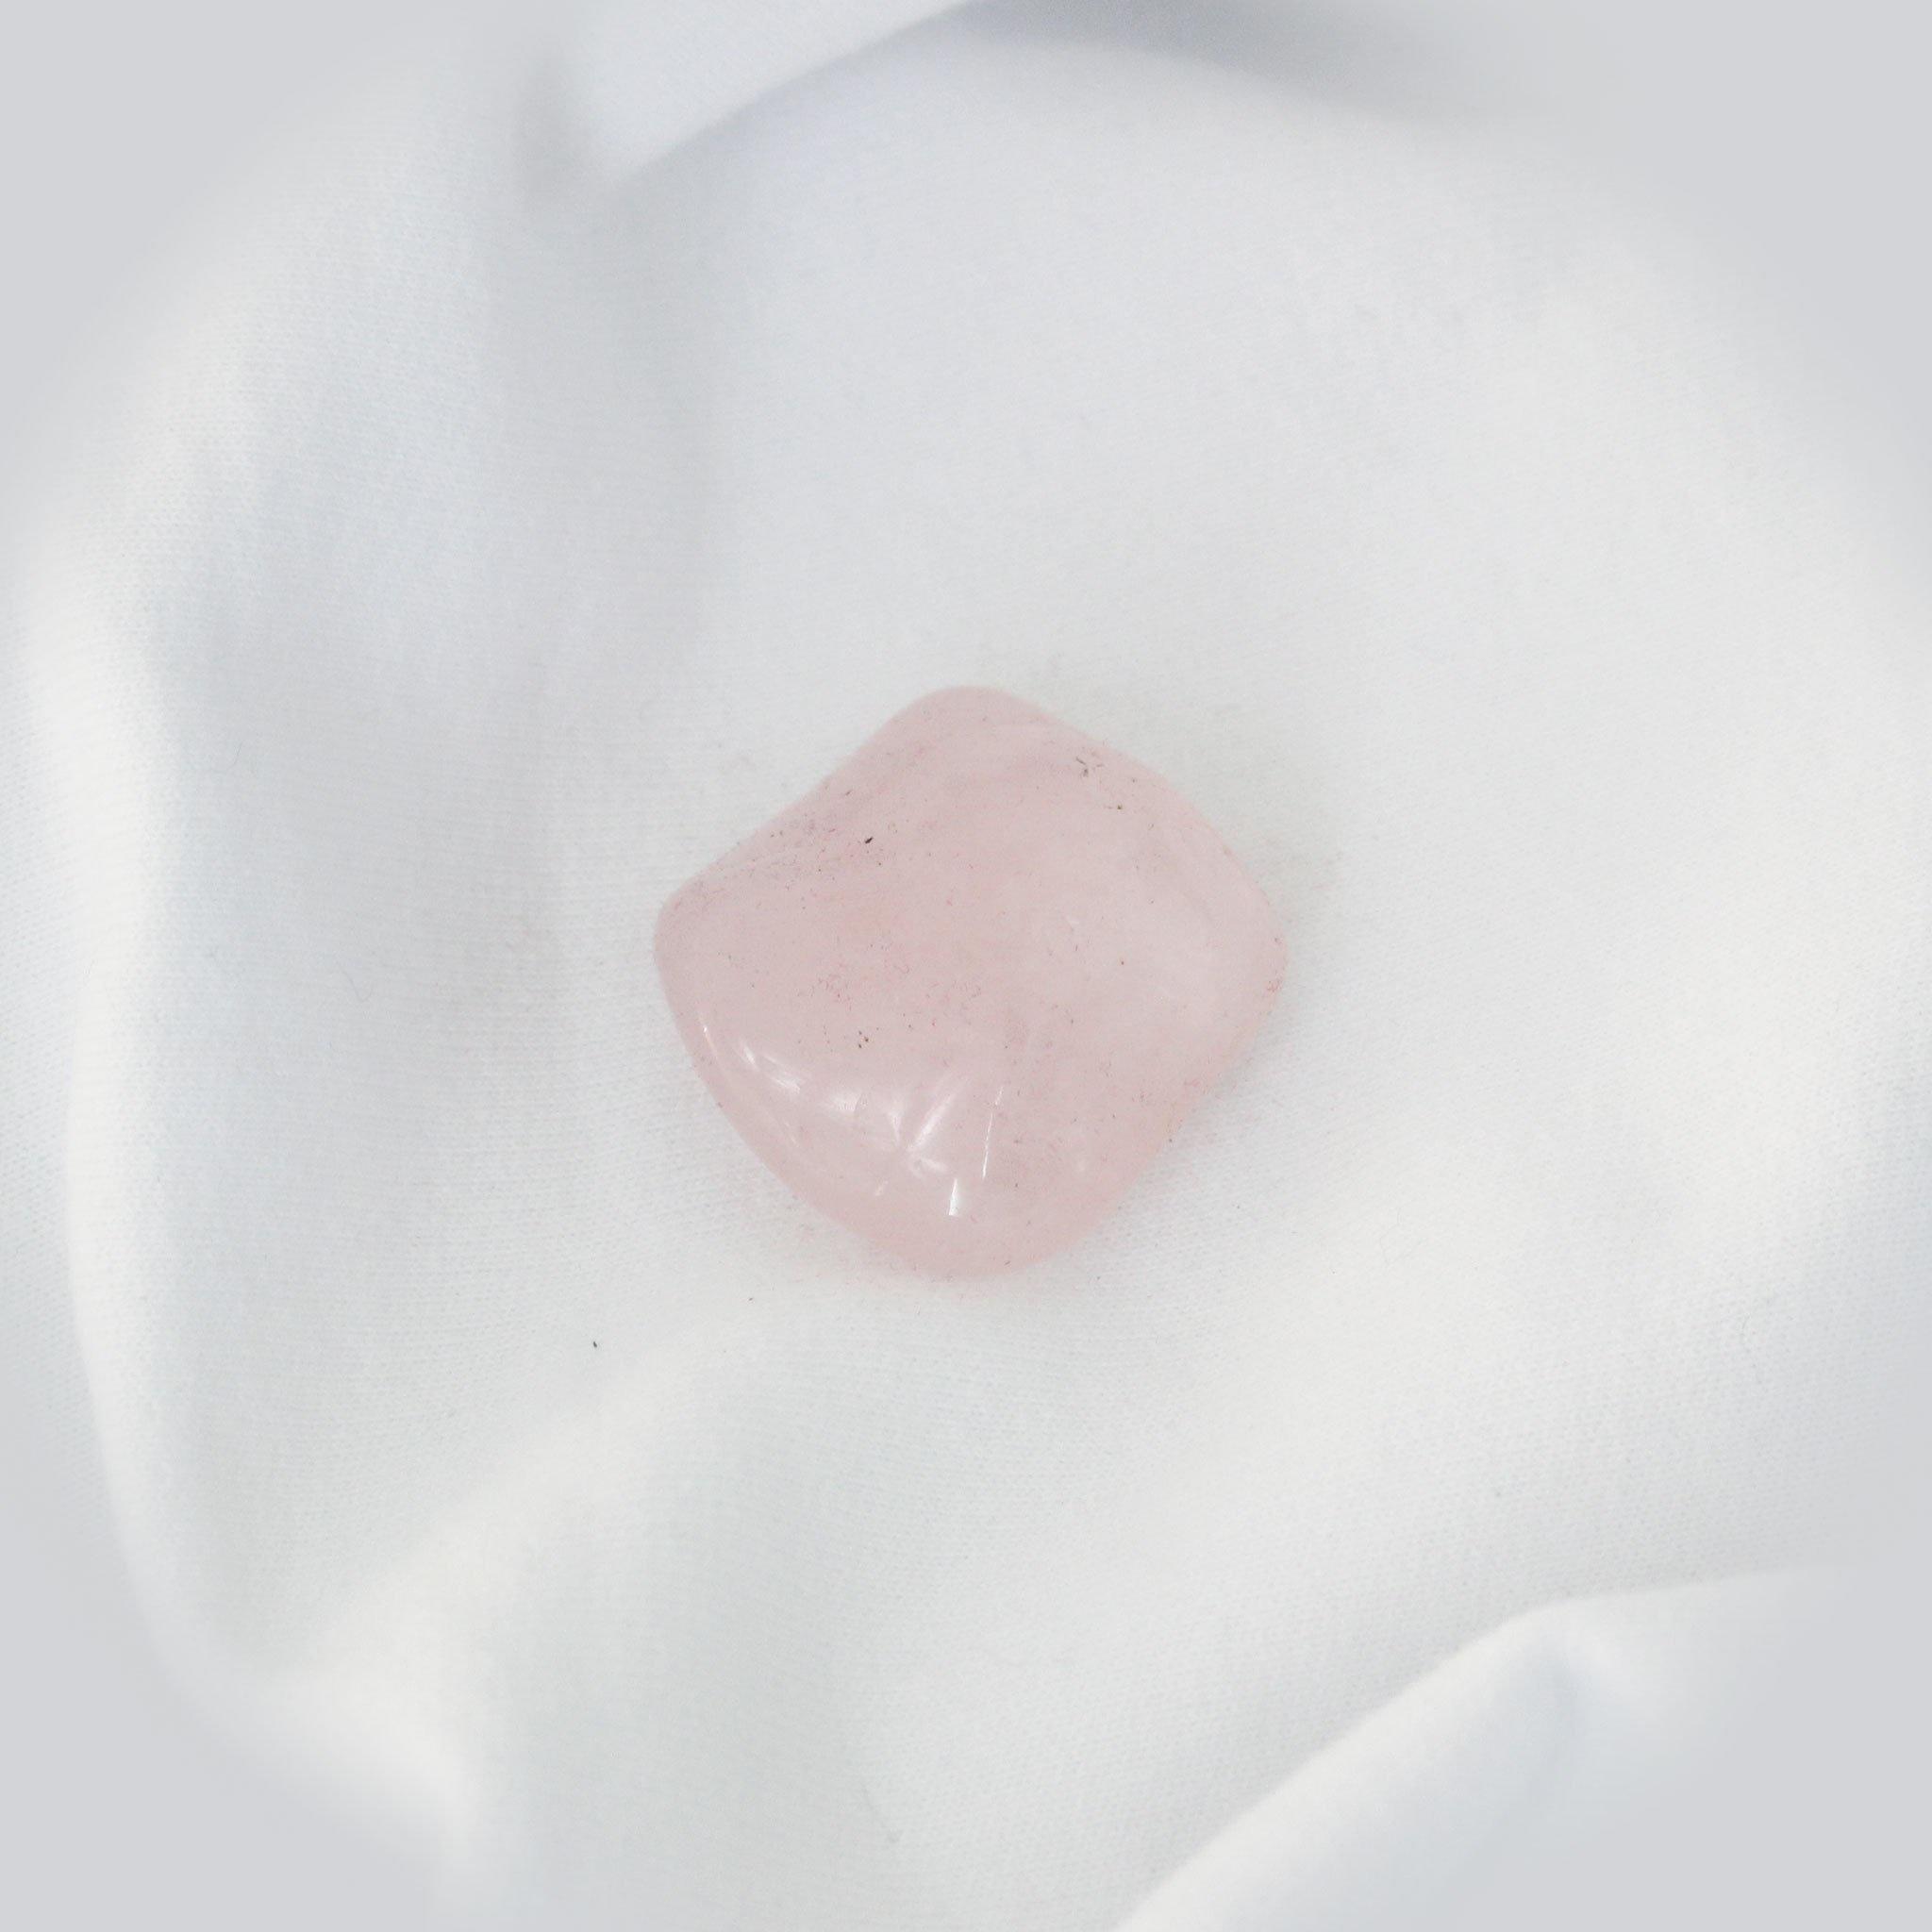 cristaux que toutes les femmes devraient posséder : quartz rose